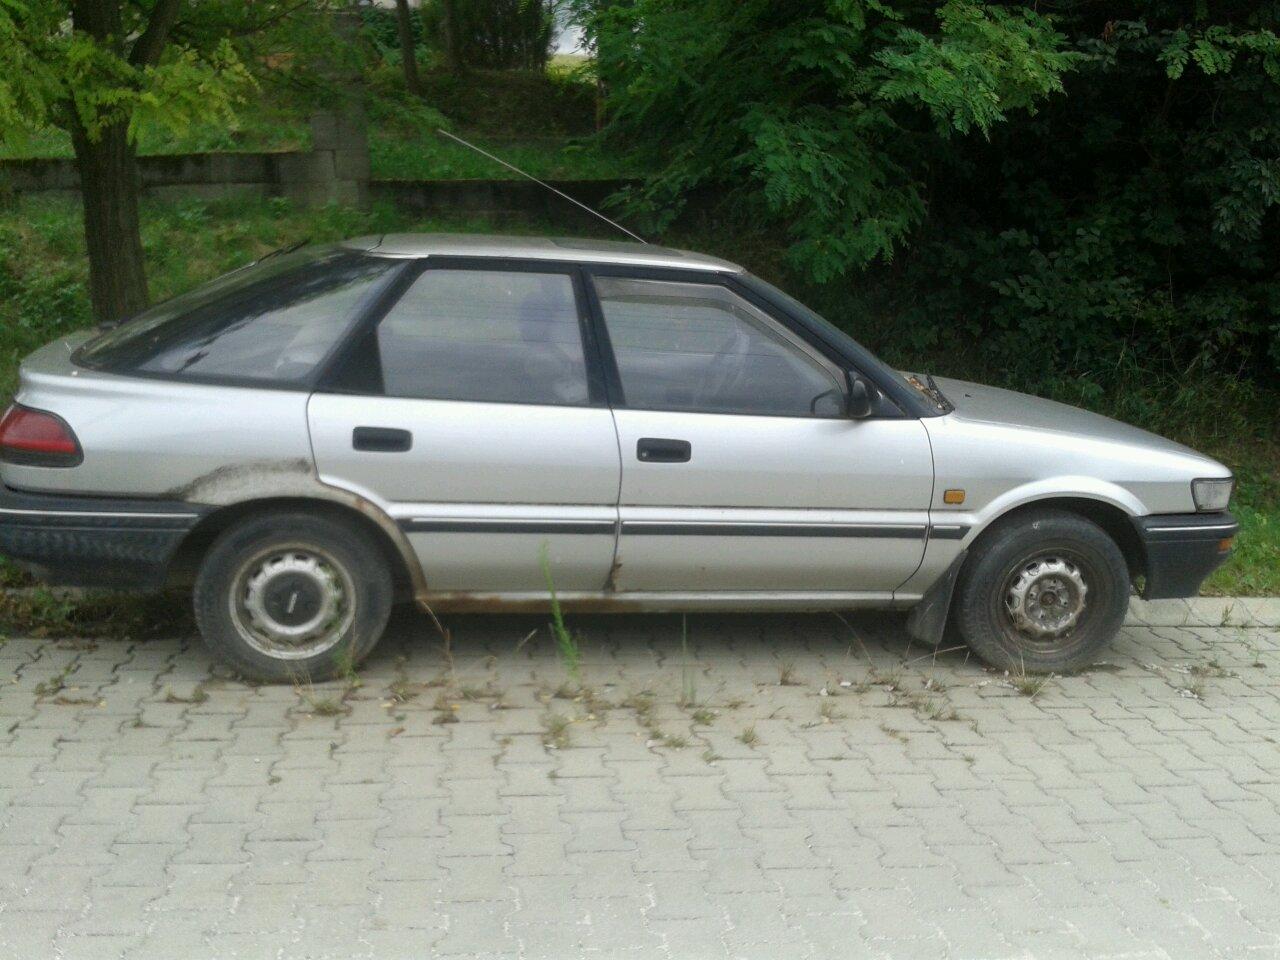 Kelebihan Toyota Corolla 1989 Murah Berkualitas